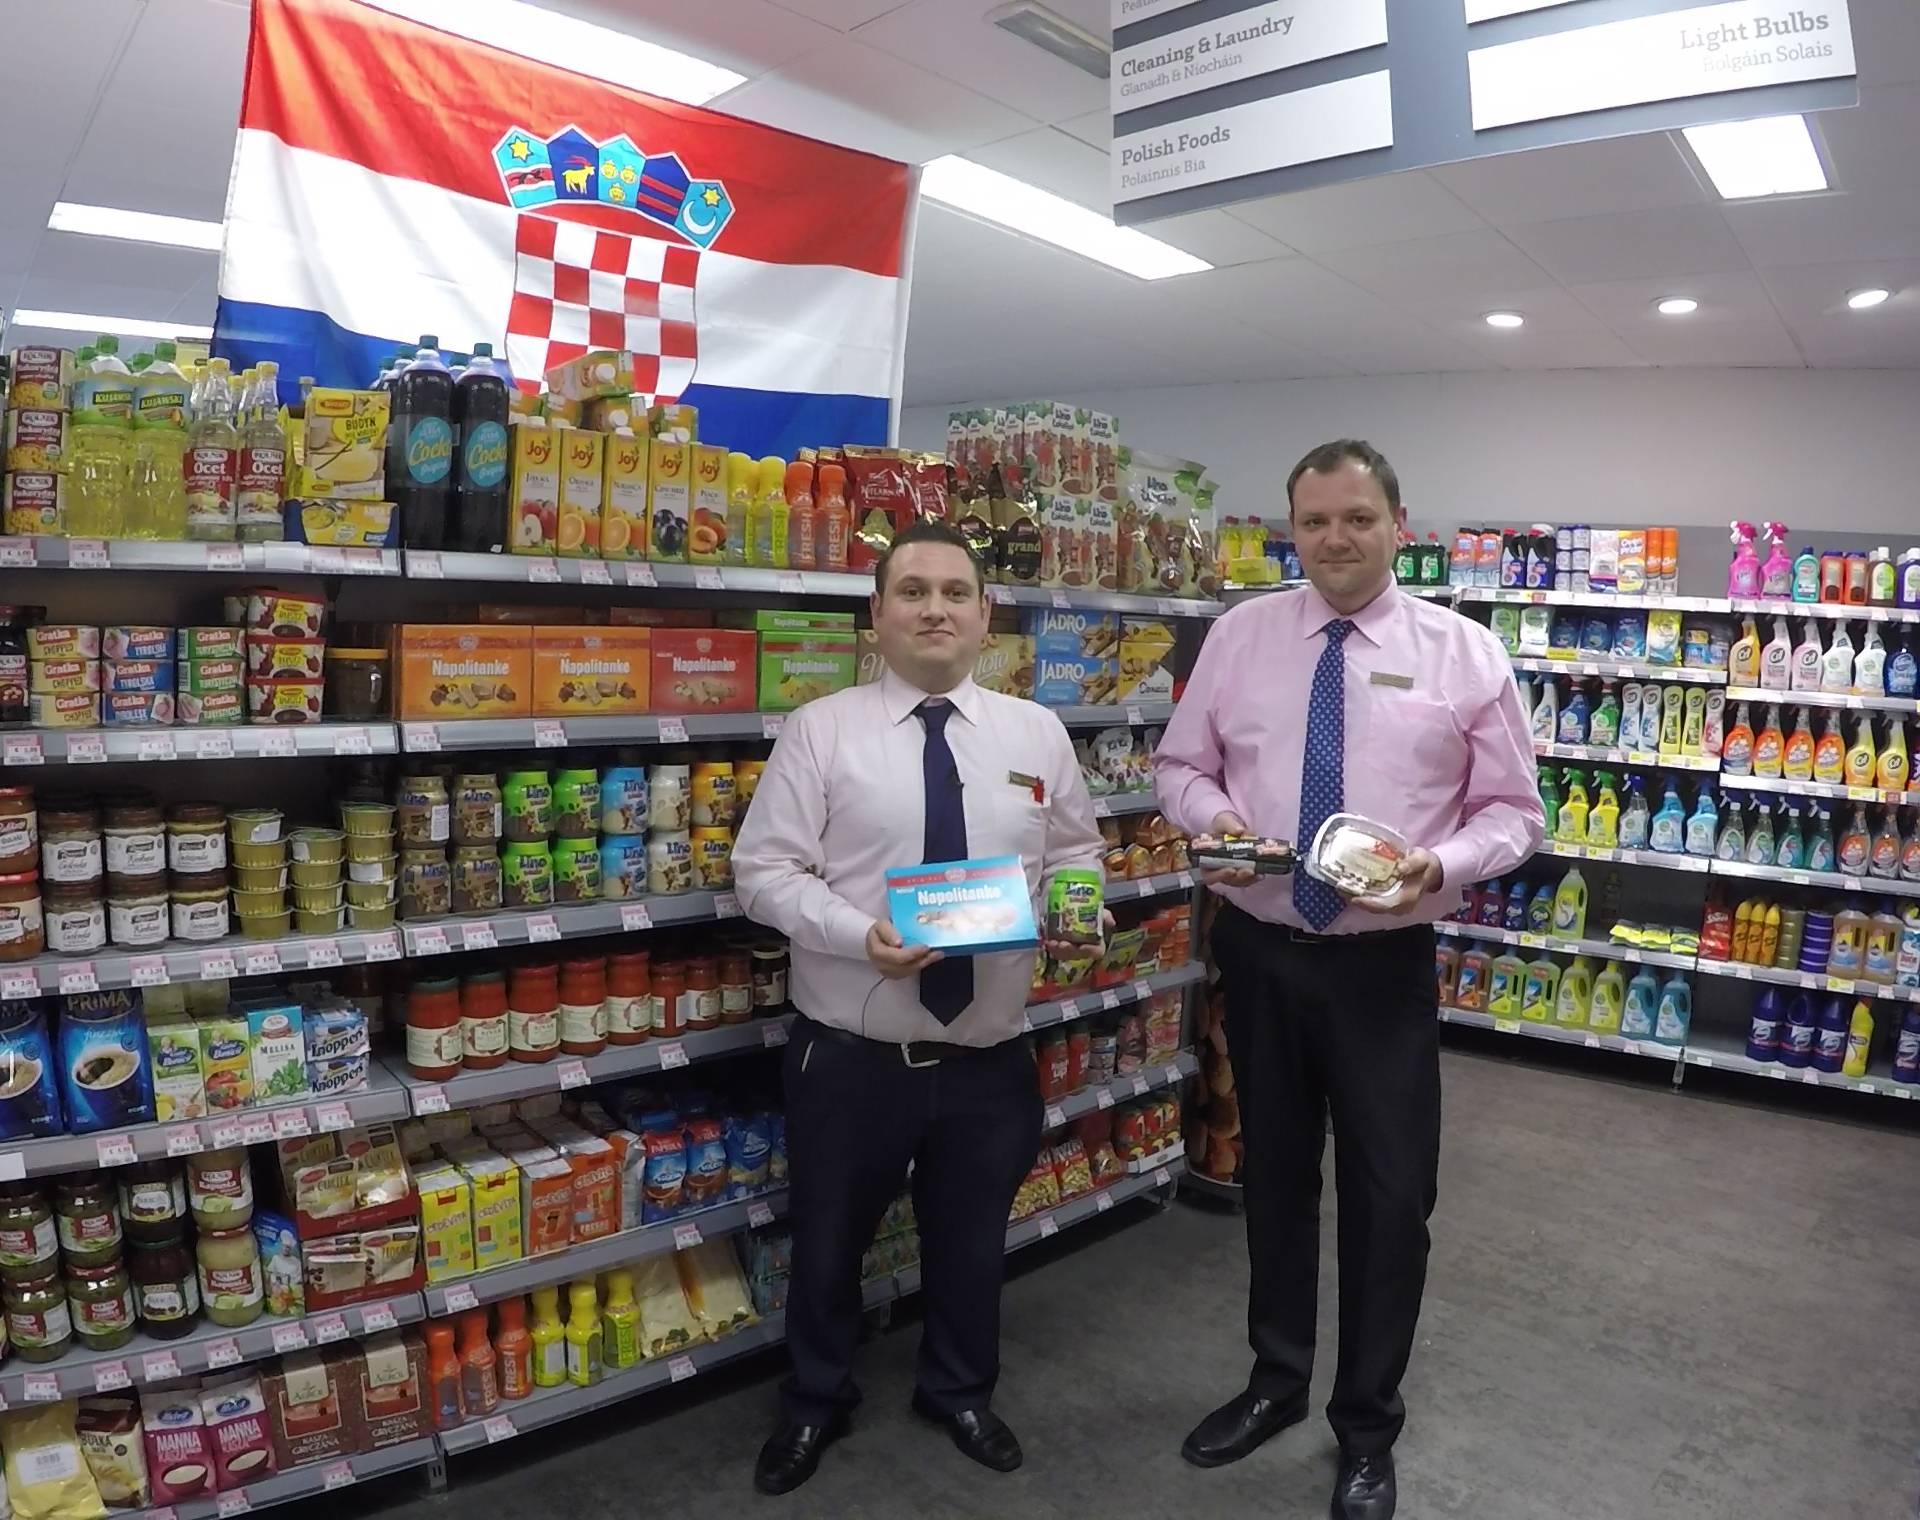 Hrvatski proizvodi osvojili su Irsku: 'Sve smo već rasprodali!'